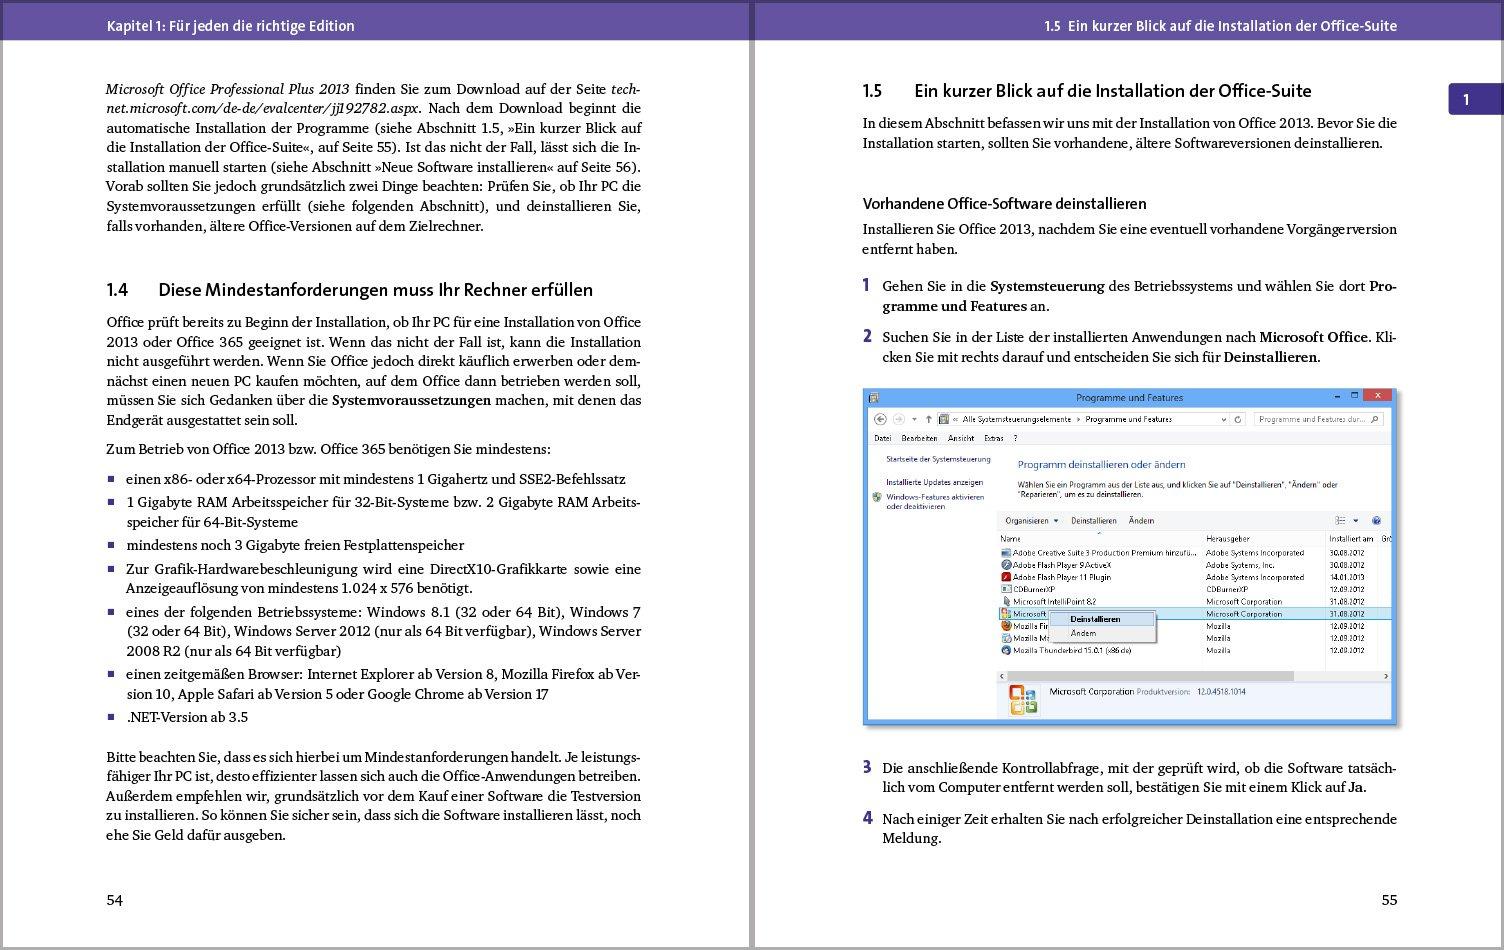 Office 2013: Der umfassende Ratgeber: Amazon.de: Robert Klaßen: Bücher